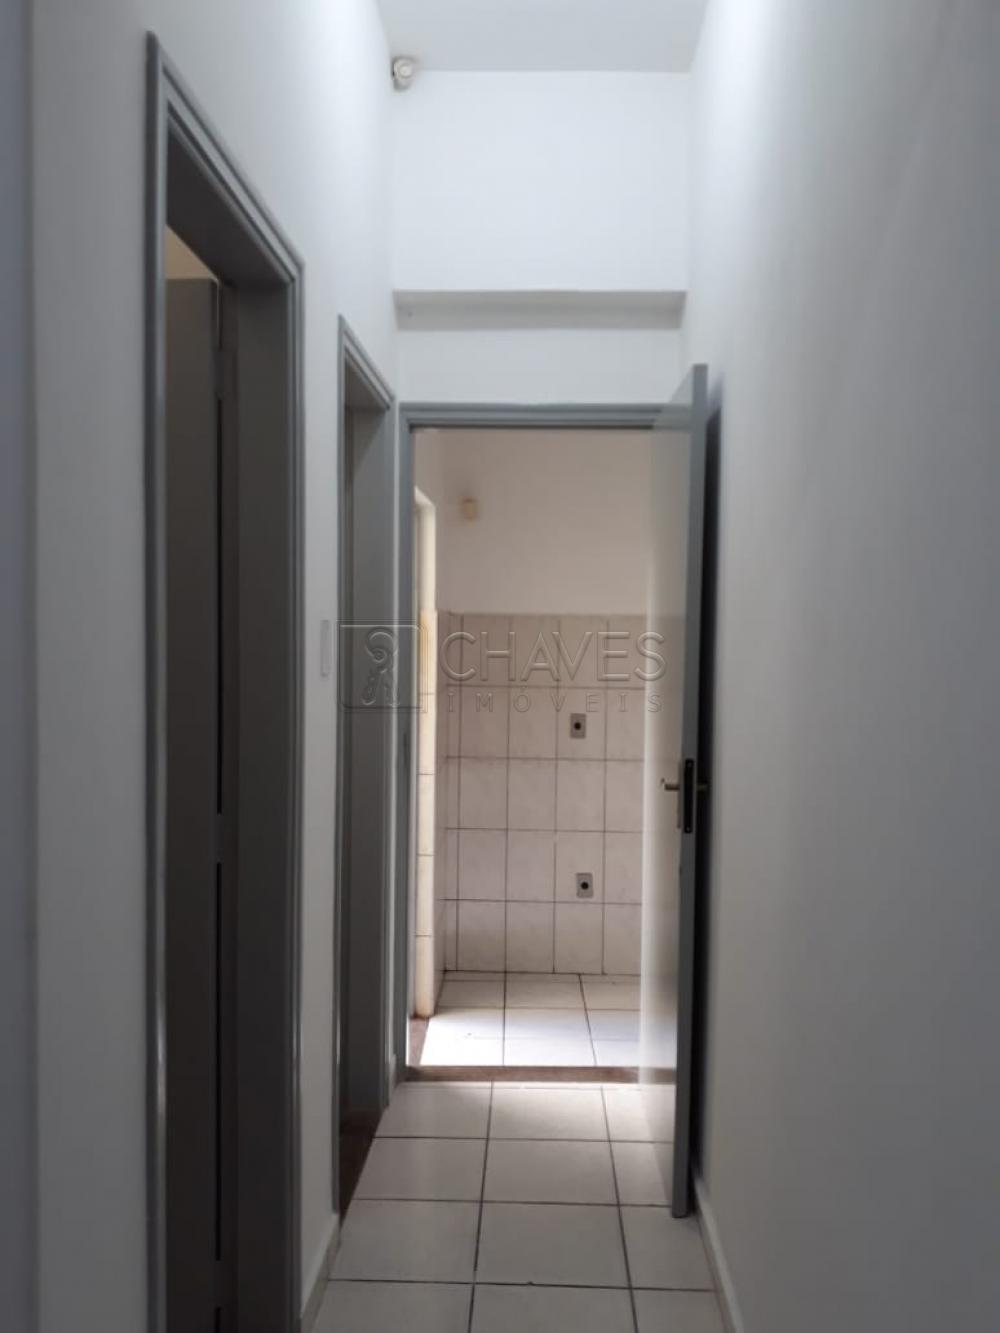 Alugar Comercial / Salão em Ribeirão Preto apenas R$ 900,00 - Foto 16